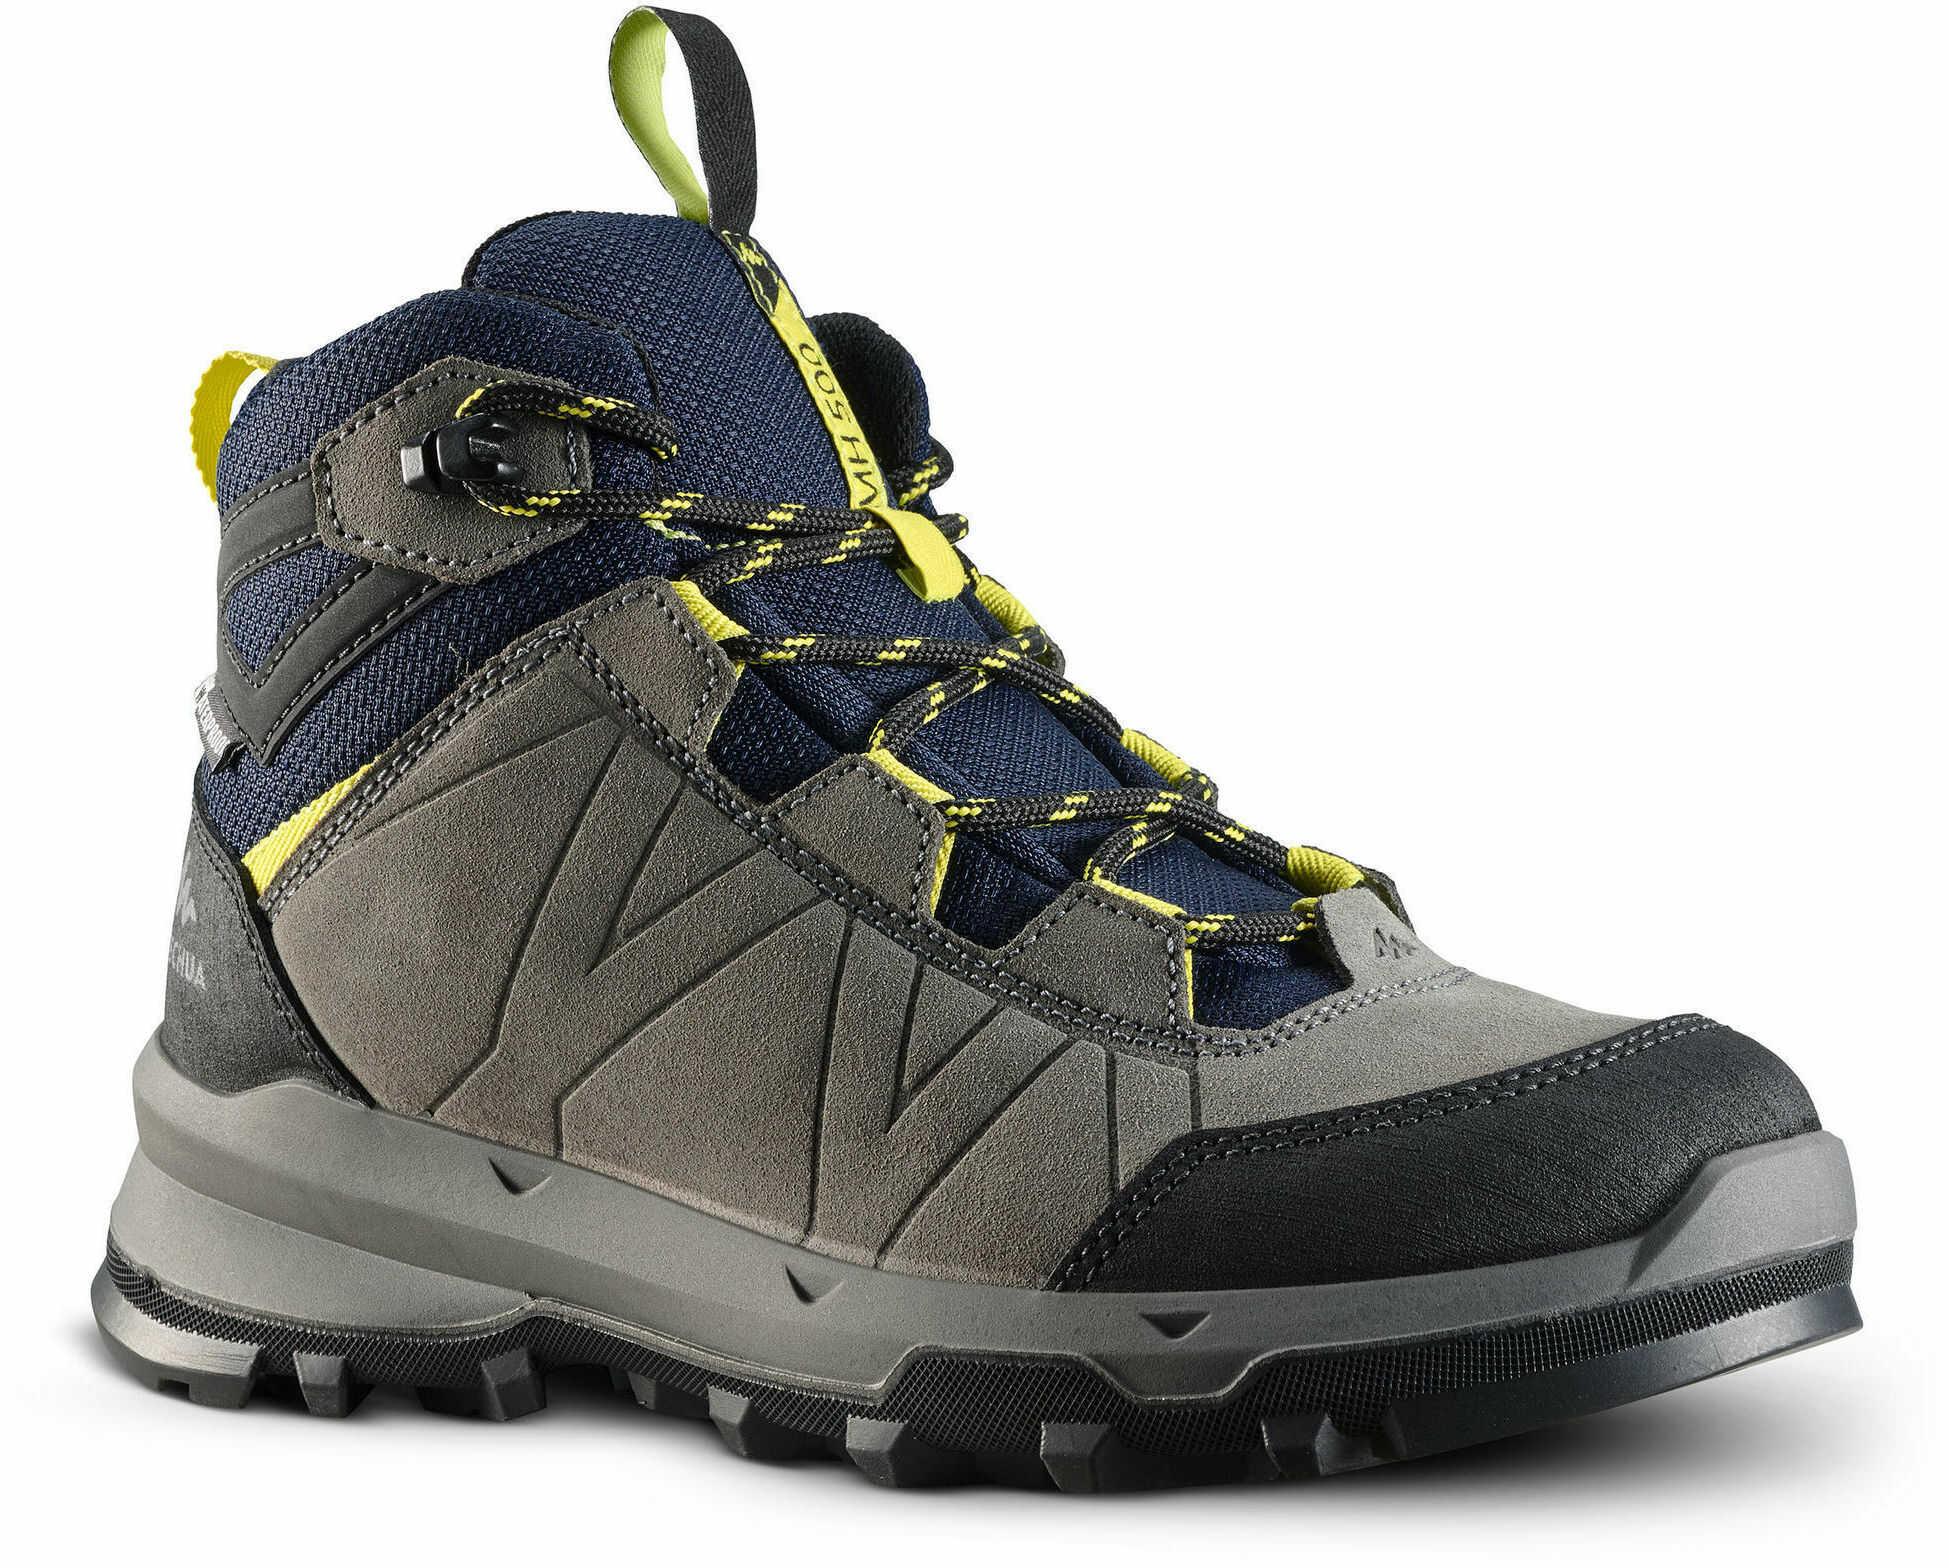 Buty turystyczne dla dzieci Quechua MH500 wodoodporne